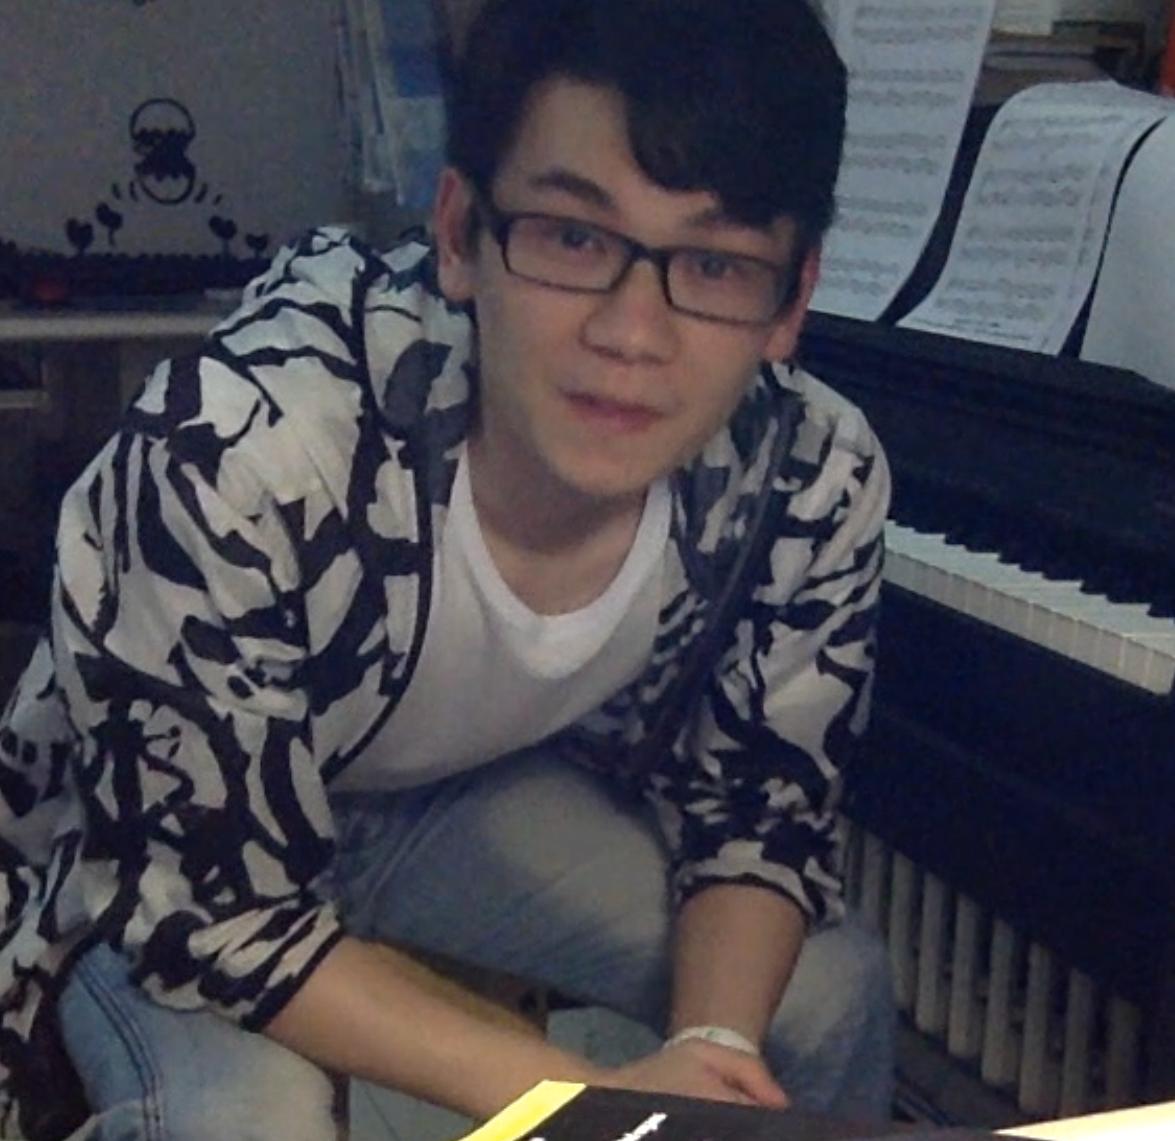 Haoyu Ji